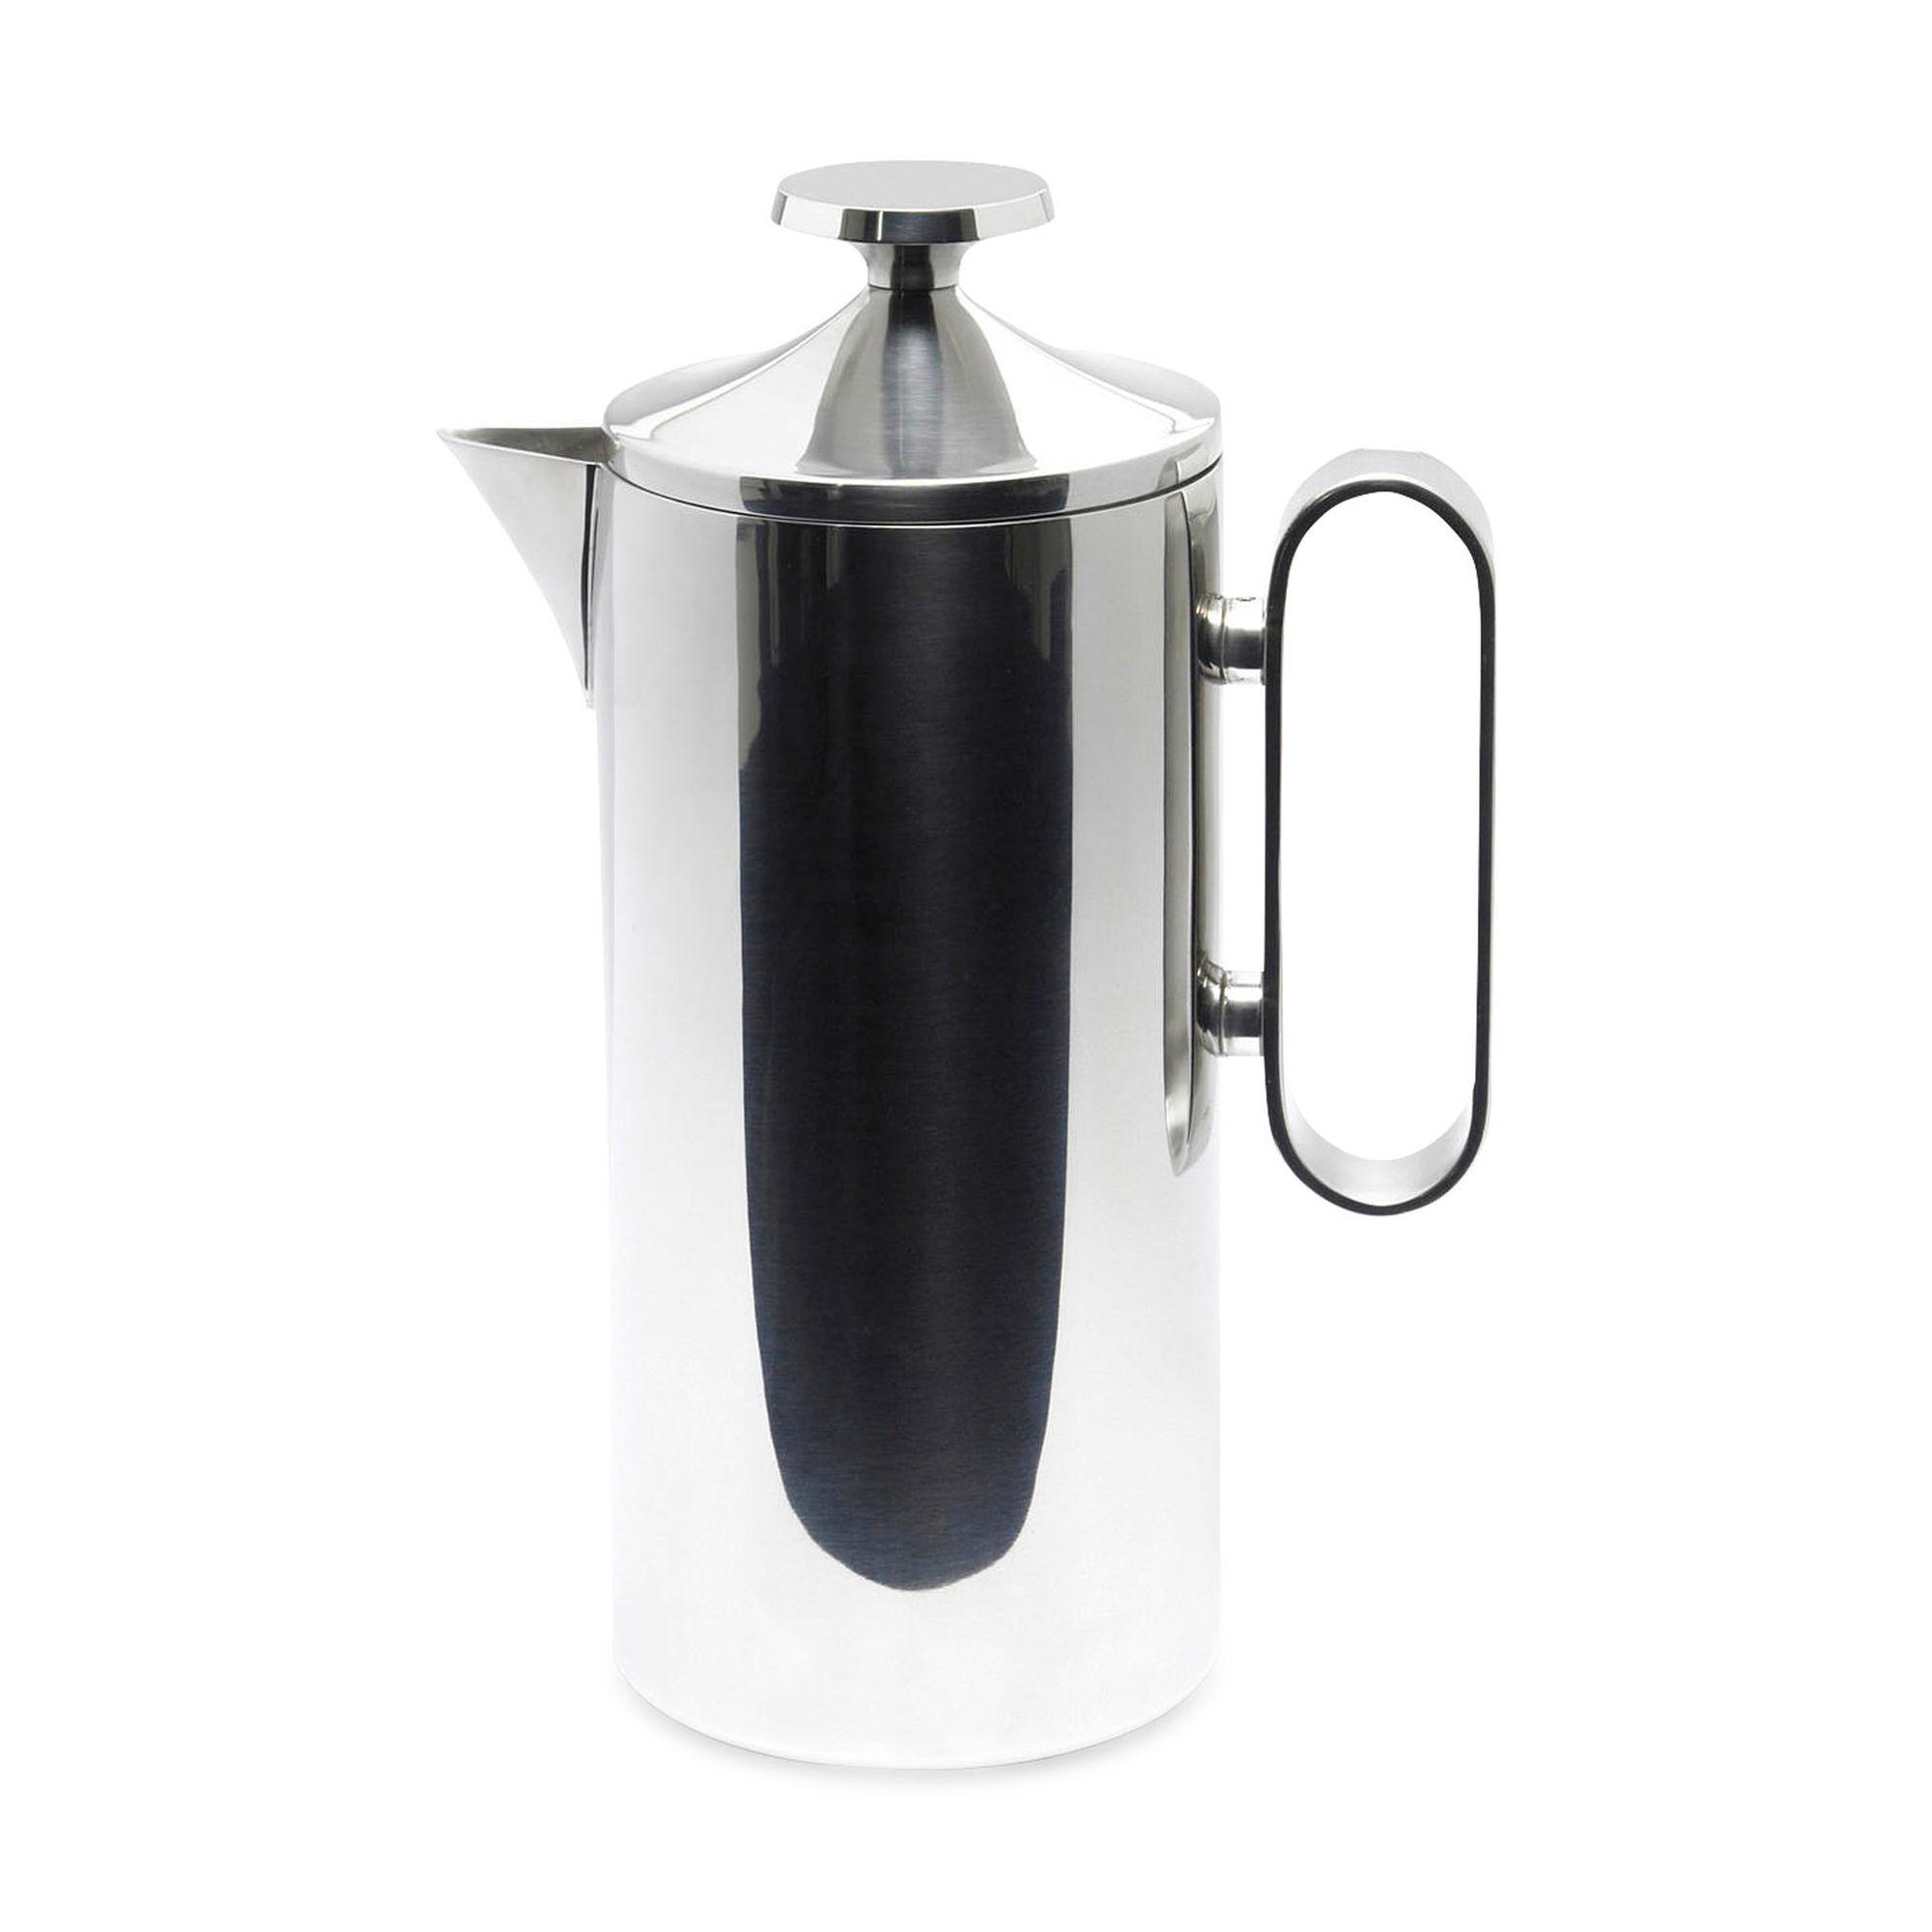 カフェティエール コーヒープレス (8カップ用)の商品画像